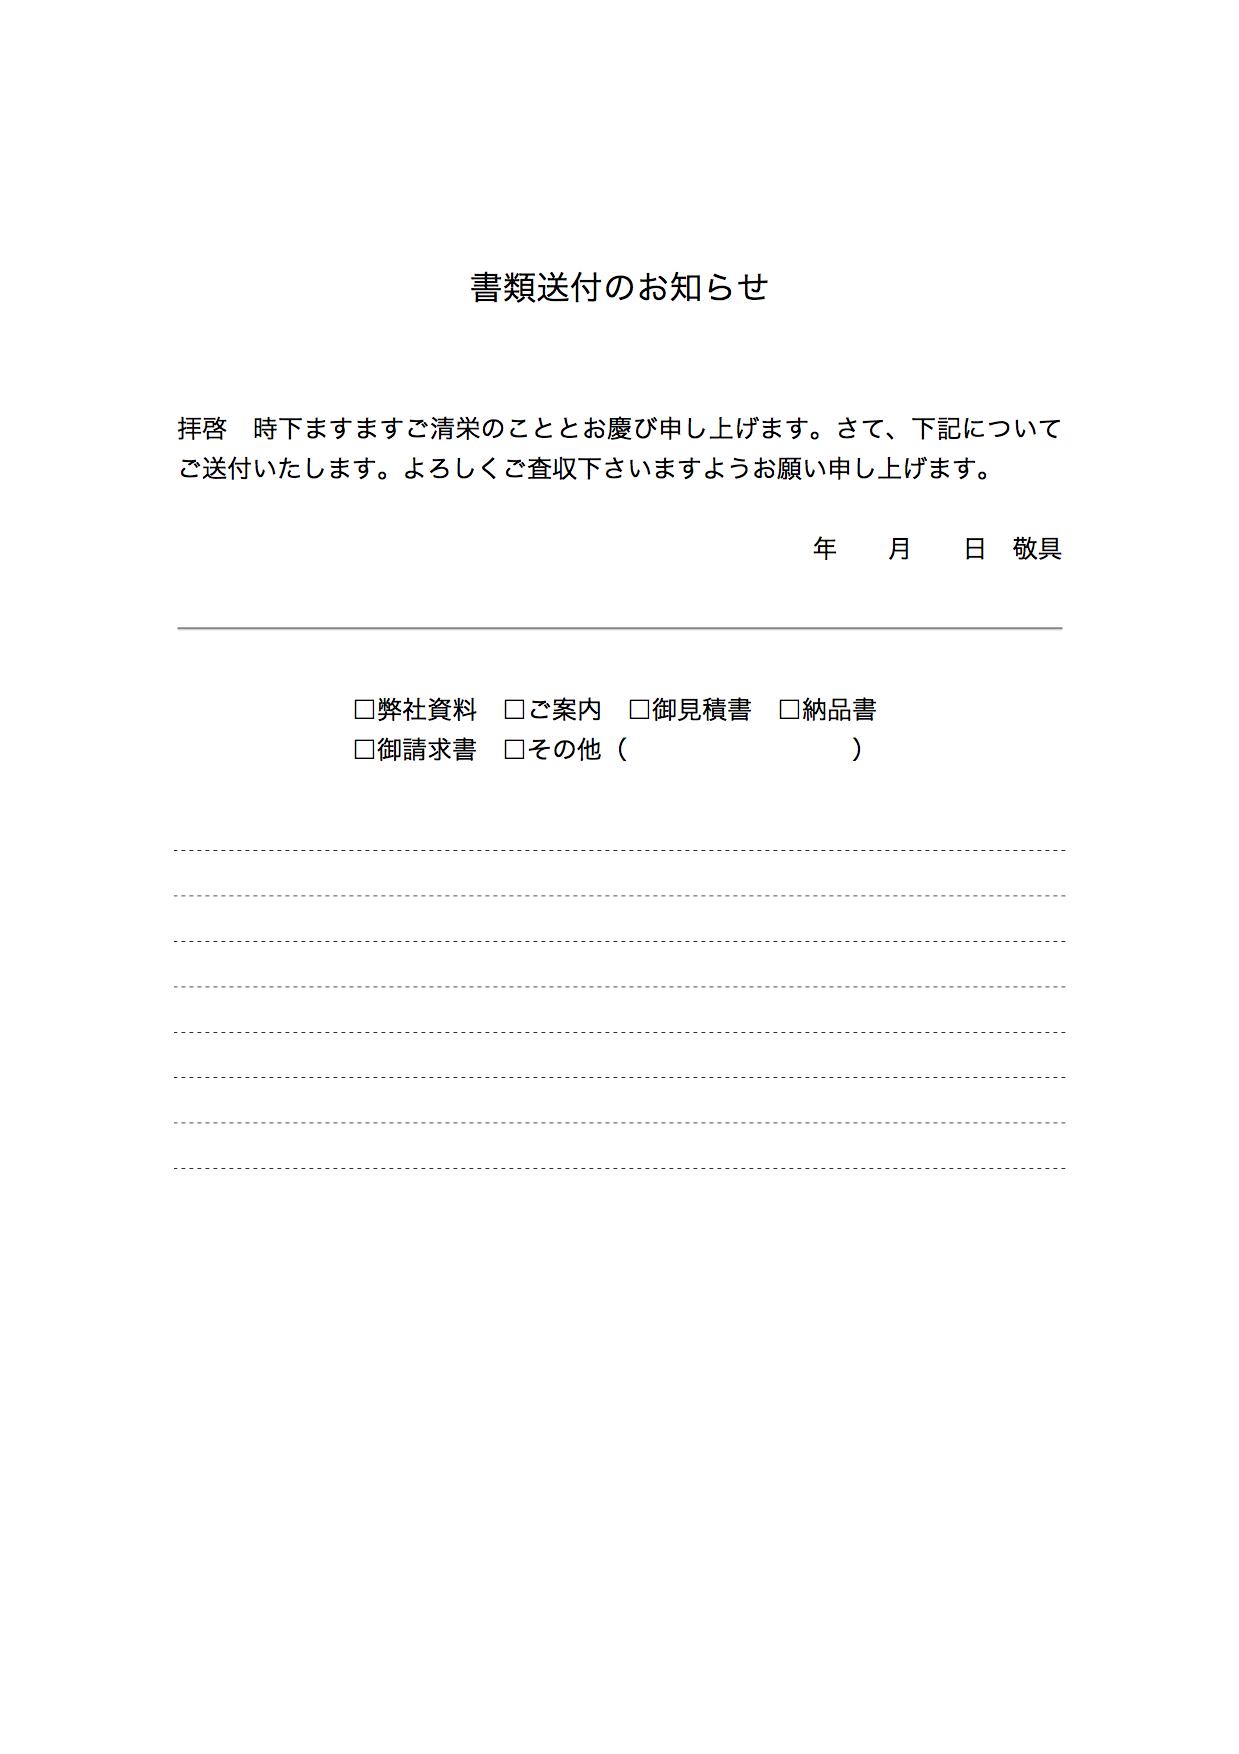 送付 手紙 資料